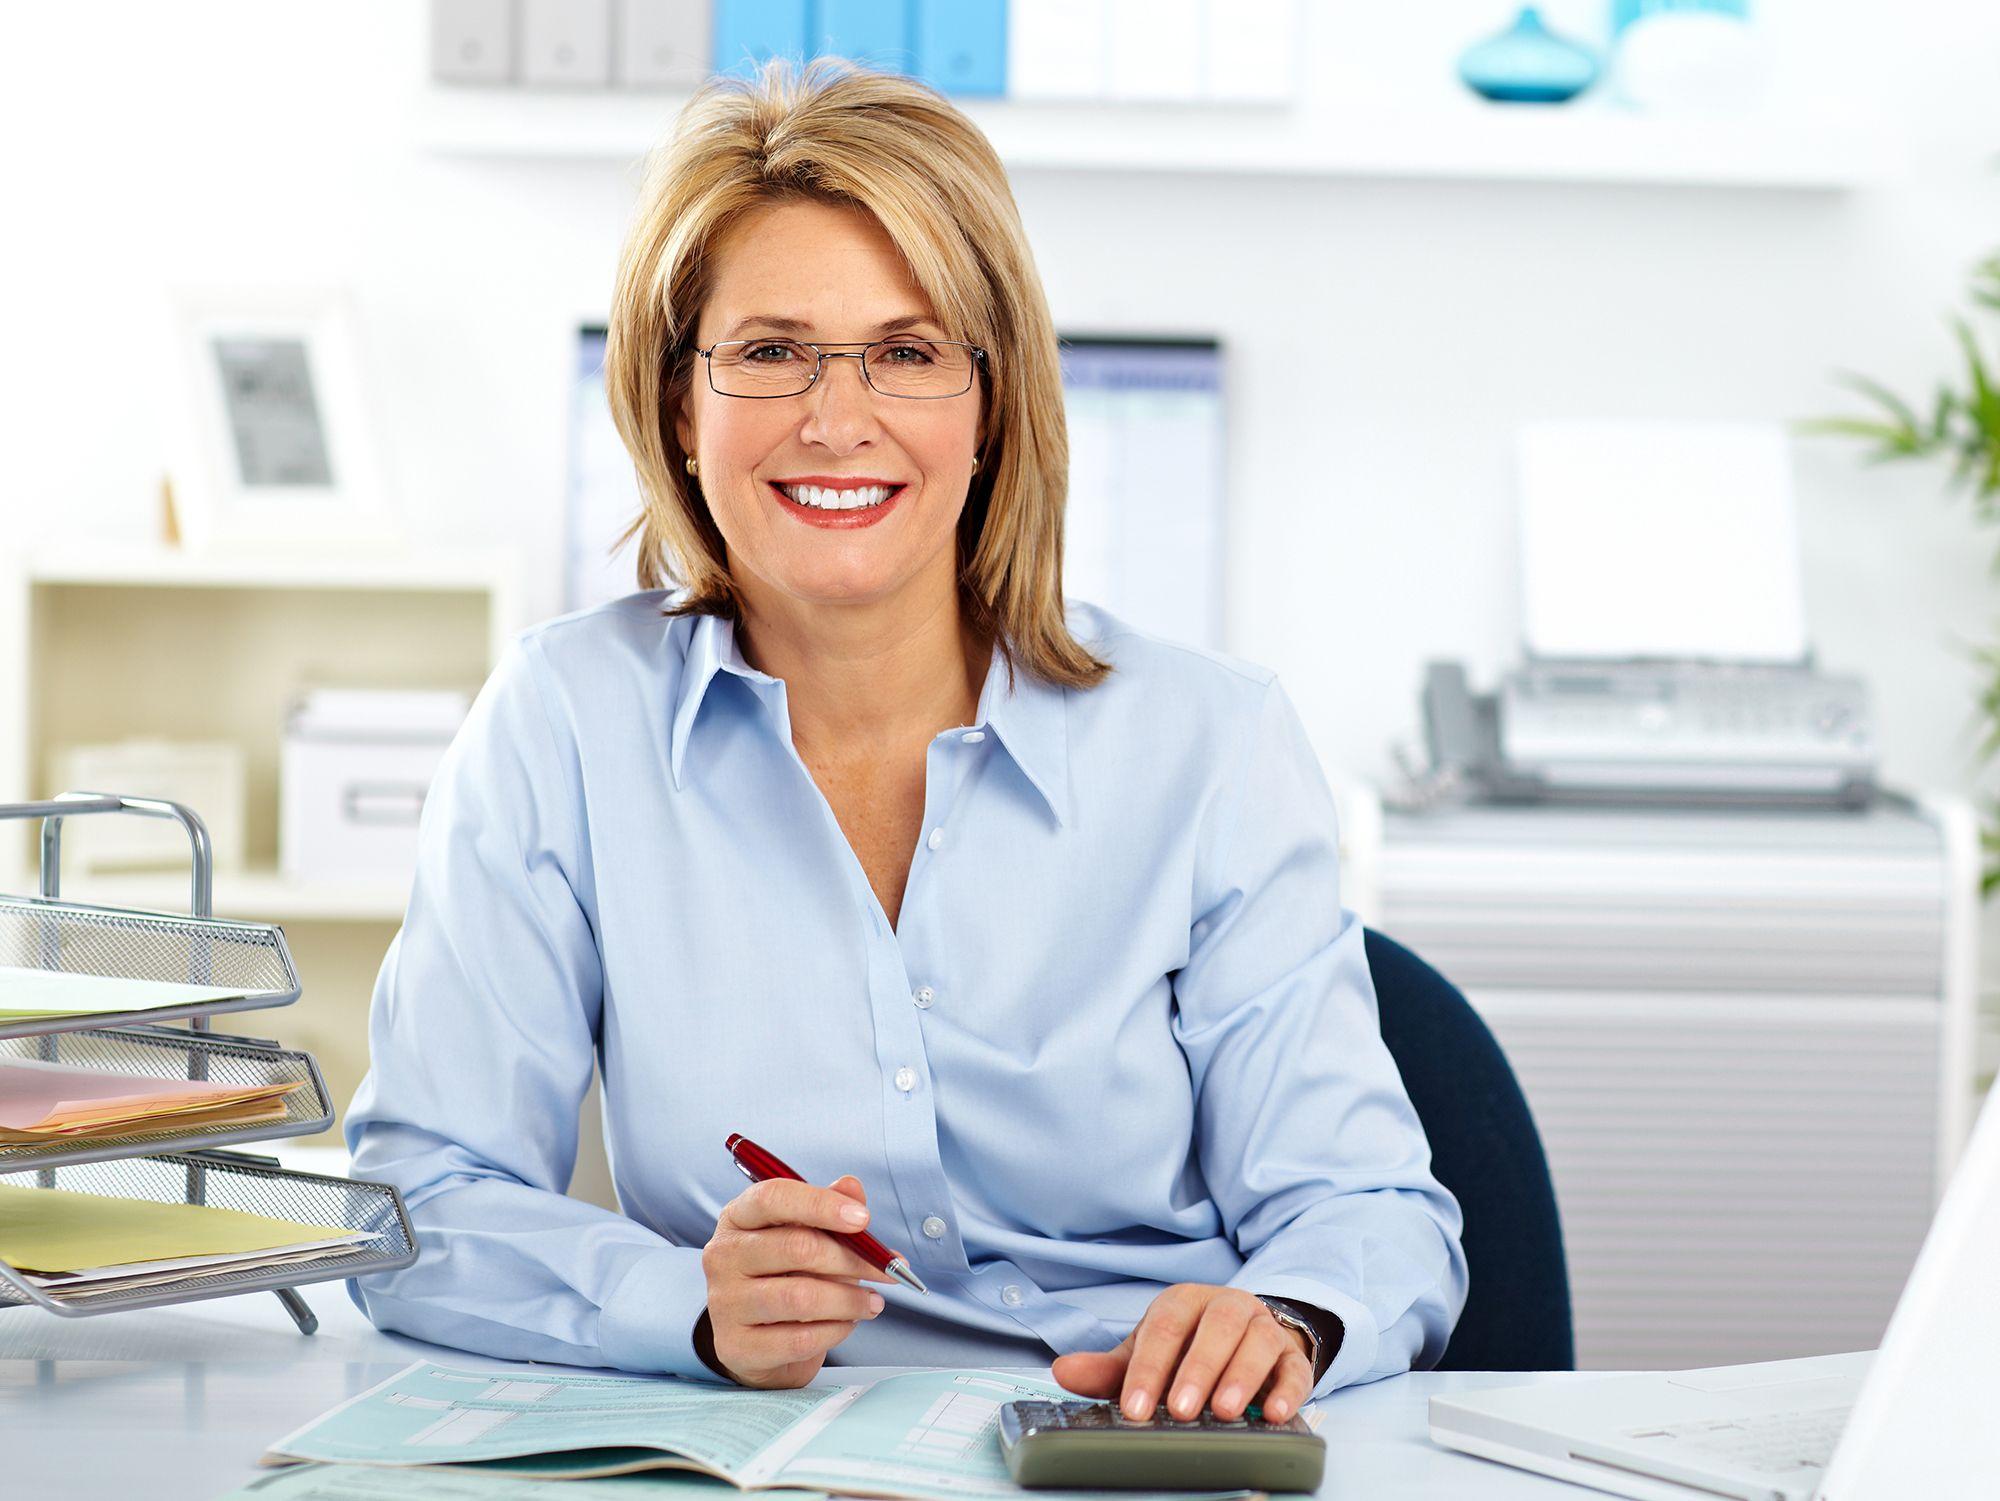 Level 6 - Sekretäre, Sekretärinnen, Schreibkraft, Schreibsekretär, Bürohilfskraft, Bürofachkraft, Empfangssekretär, Empfangssekretärin, Bürosekretär, Bürosekretärin, Bürokraft, Leiharbeiter, Zeitarbeiter, Leiharbeitnehmer, Leihkraft, Temporärarbeiter für Büros, Büroarbeit, Büroaufgaben, Bürotätigkeiten, Büroorganisation, Sekretariat, Urlaubsvertretung und Rekrutierung bei uns als Personalagentur, Zeitarbeitsfirma, Zeitarbeitsunternehmen, Personal-Service-Agentur, Personaldienstleistungsagentur und Leiharbeitsfirma per Arbeitnehmer-Leasing, Arbeitnehmerüberlassung, Arbeitskräfte-Leasing, Arbeitskräfteüberlassung, Arbeitskraftüberlassung, Leiharbeit, Mitarbeiter-Leasing, Mitarbeiterleasing, Mitarbeiterüberlassung, Personaldienstleistung, Personalleasing, Personalüberlassung, Temporärarbeit, Zeitarbeit buchen, mieten, leihen oder langfristig neue Mitarbeiter für Jobs wie Büro Jobs, Schülerjobs, Ferienjobs, Aushilfsjobs, Studentenjobs, Werkstudentenjobs, Saisonjobs, Vollzeit Jobs, Teilzeit Jobs, Nebenjobs, Temporär Jobs, Gelegenheitsjobs per Personalvermittlung suchen, finden und vermittelt bekommen.